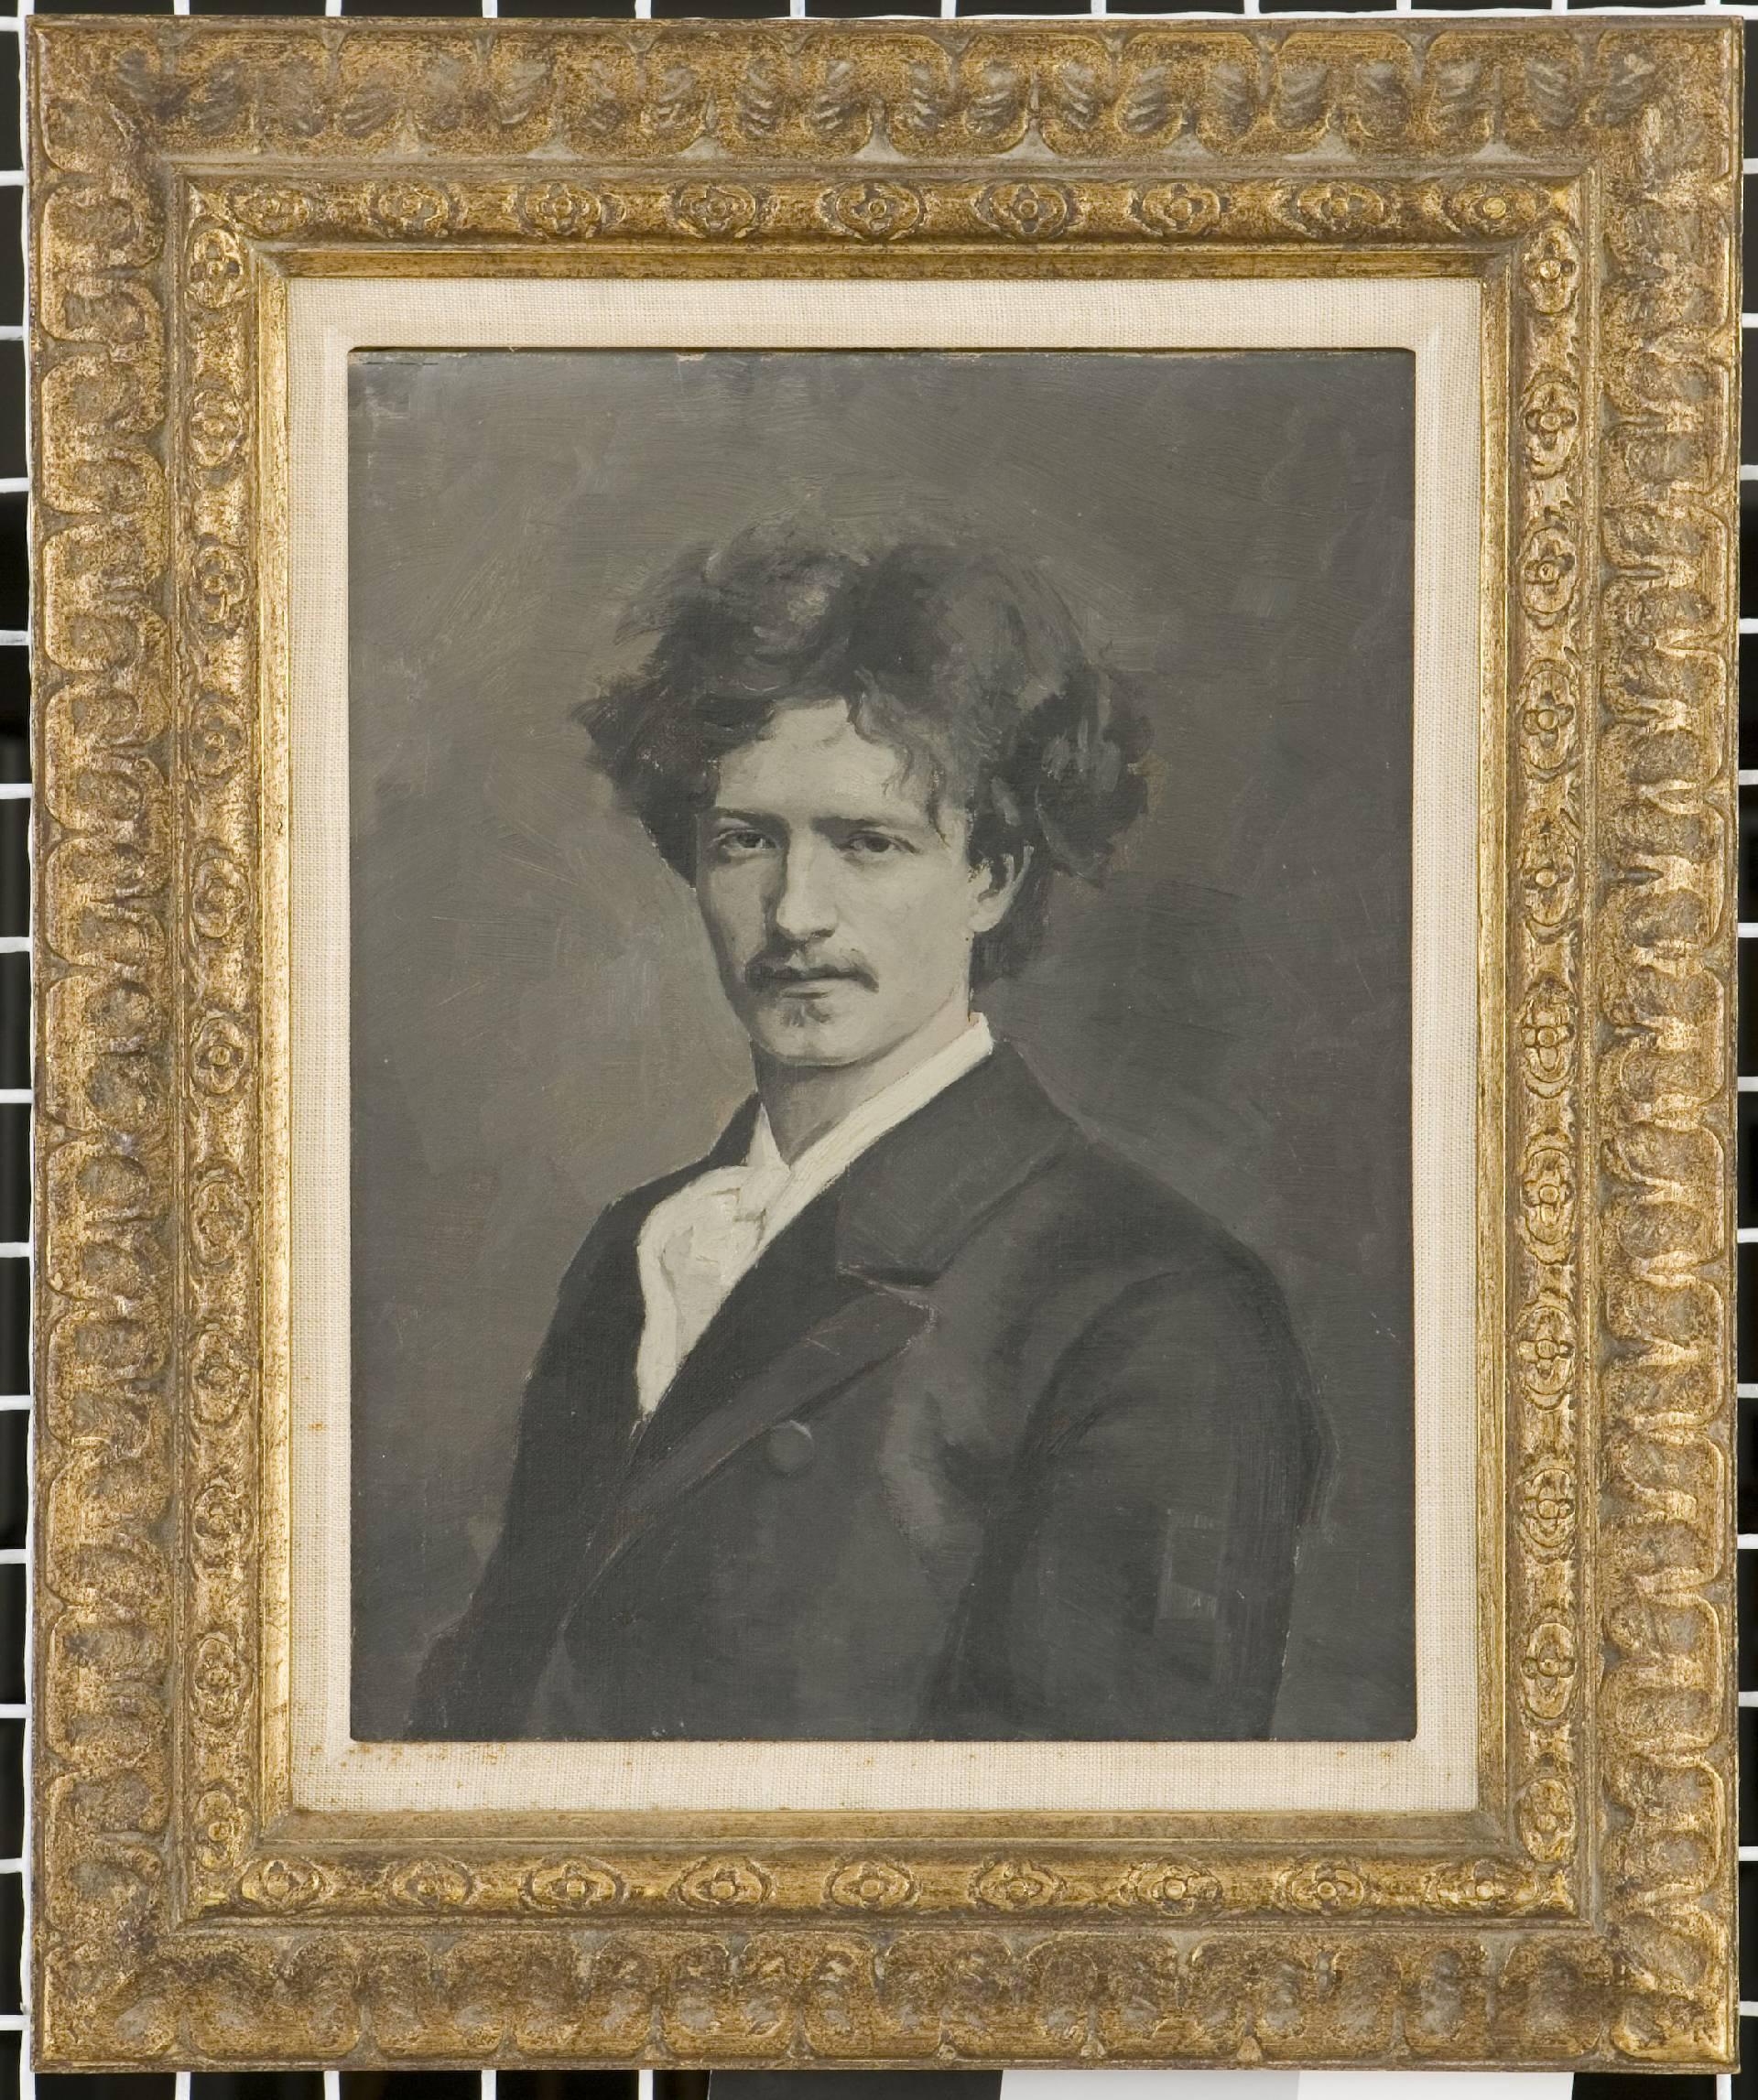 Malarz nierozpoznany, Portret Ignacego Jana Paderewskiego, XXw.; olej, płótno; MKL w ZNiO (źródło: materiały prasowe organizatora)